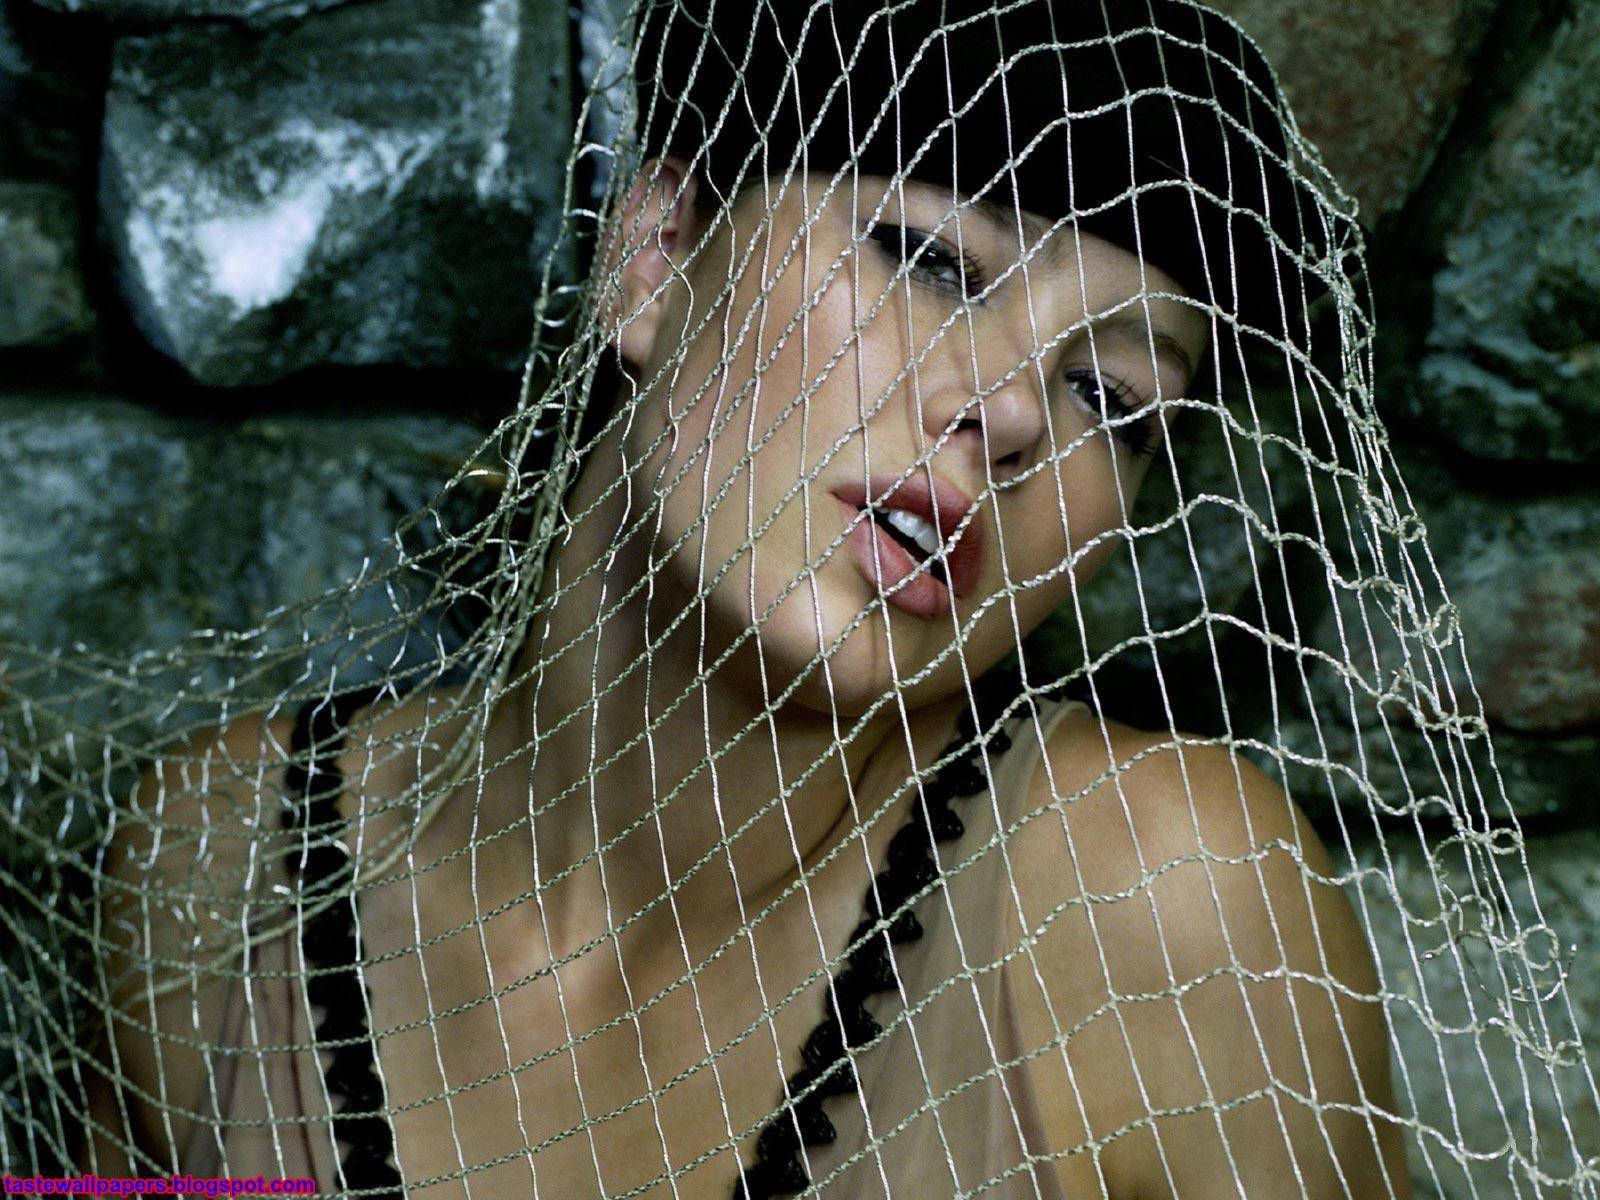 http://4.bp.blogspot.com/-uRe3FcRXmrc/Tq0Q_dfPhxI/AAAAAAAAHxI/TDWg1jMc454/s1600/Jessica_Biel_wallpapers_1024X768-net.jpg